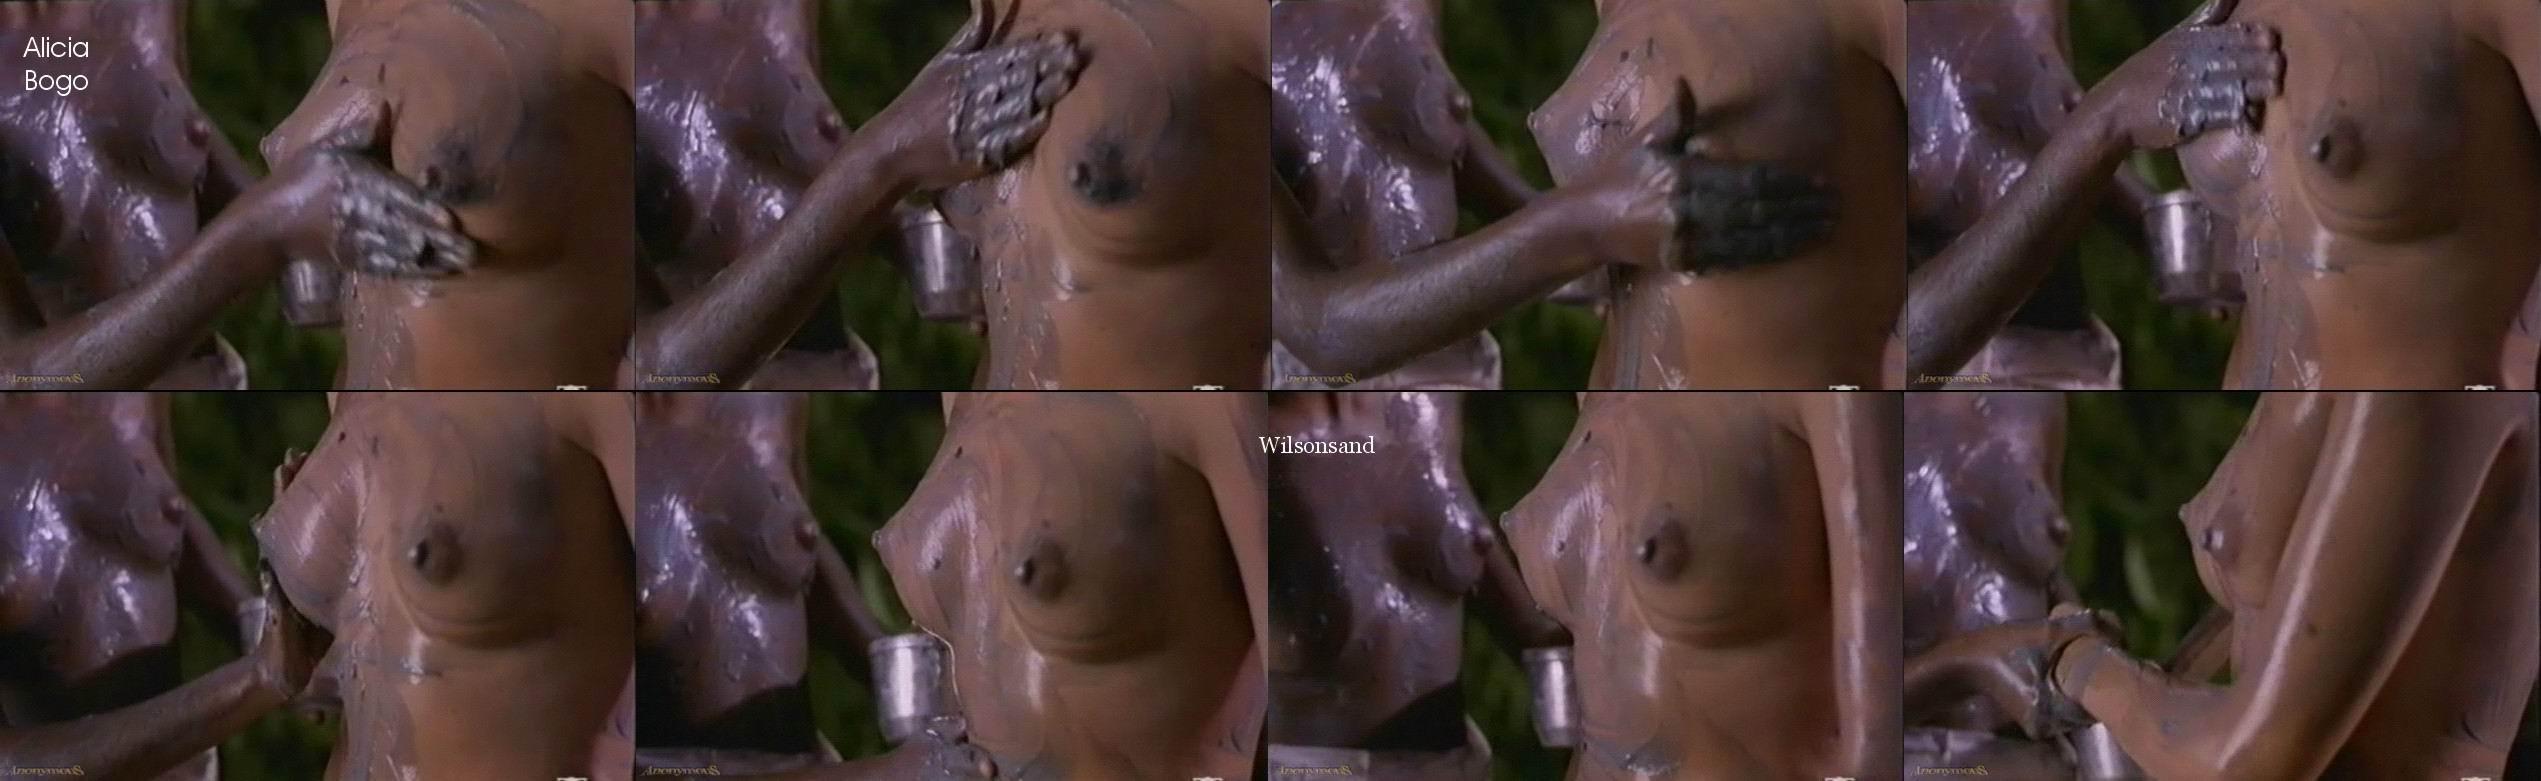 Alicia Bogo Desnuda alicia bogo desnuda - fotos y v�deos - imperiodefamosas